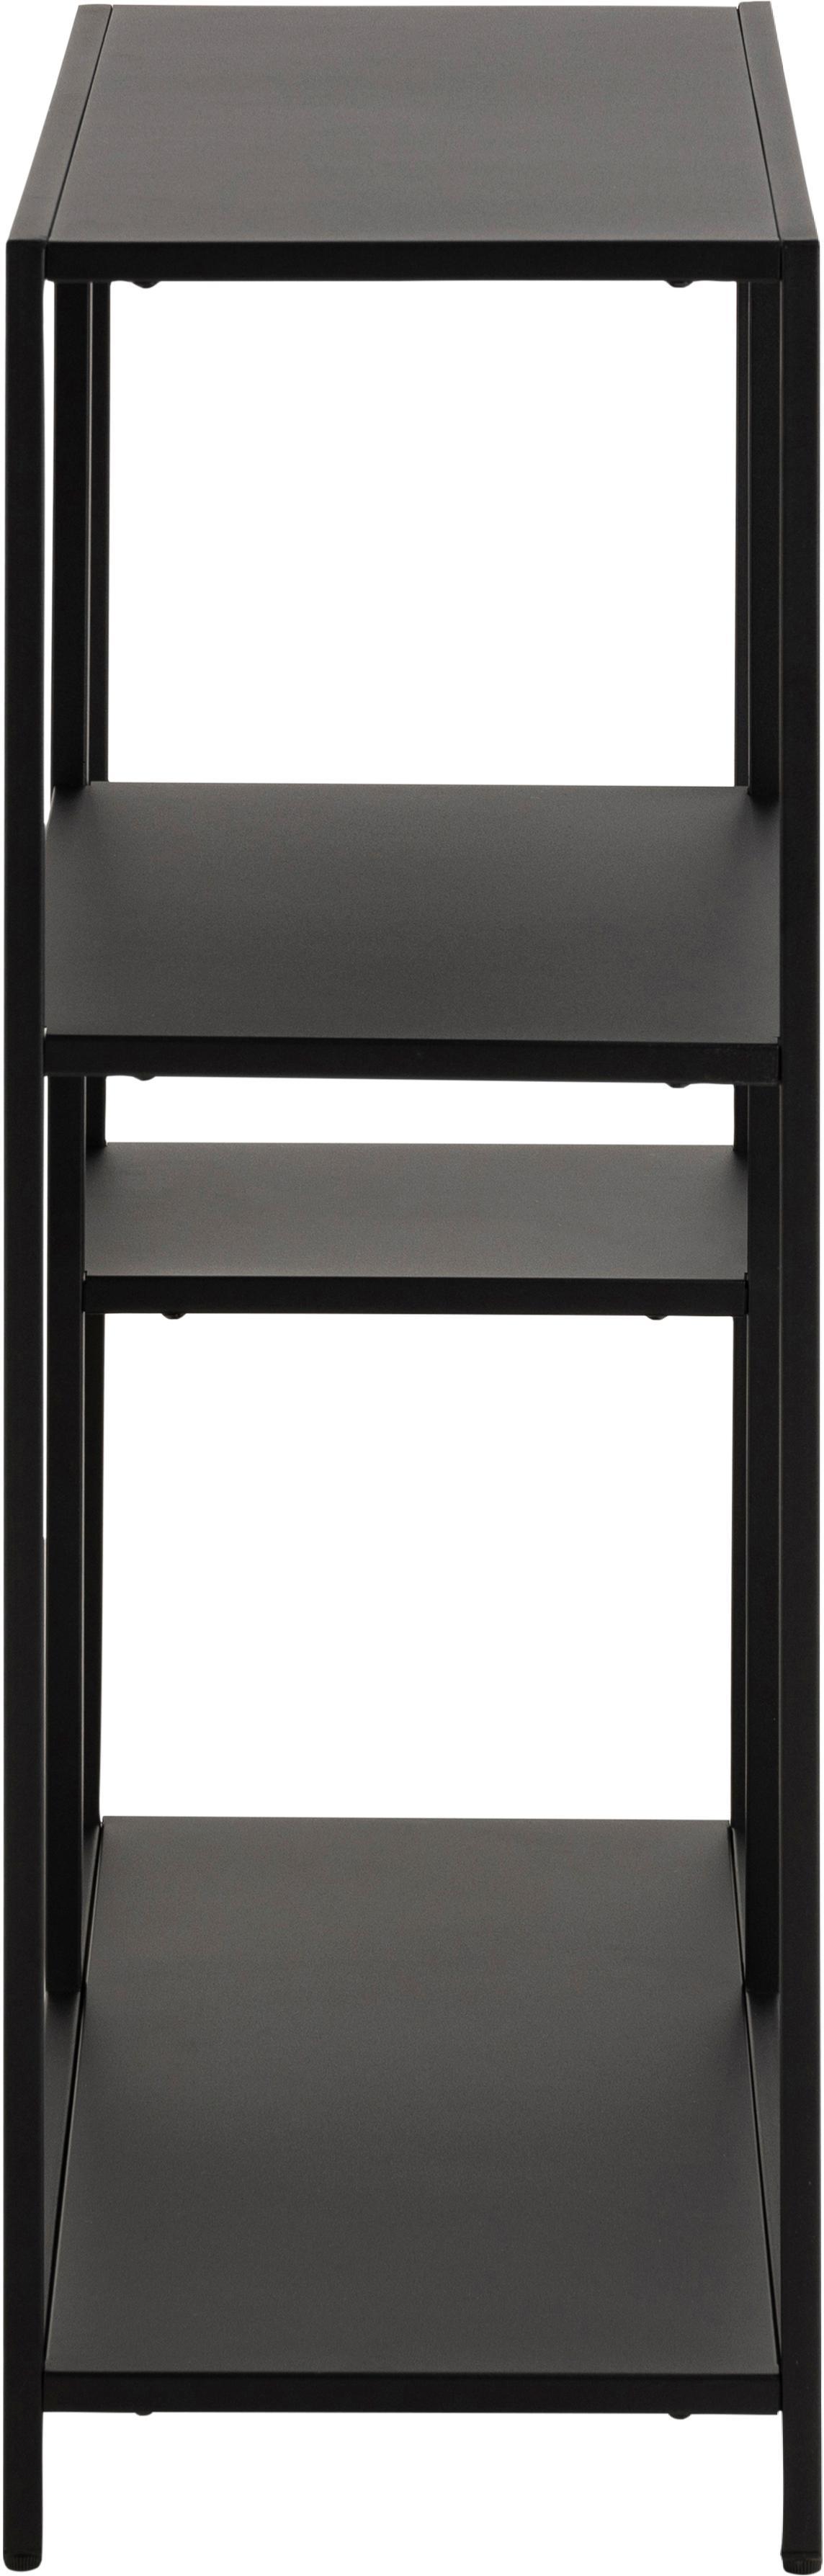 Libreria in metallo in nero Newton, Metallo verniciato a polvere, Nero, Larg. 80 x Alt. 86 cm